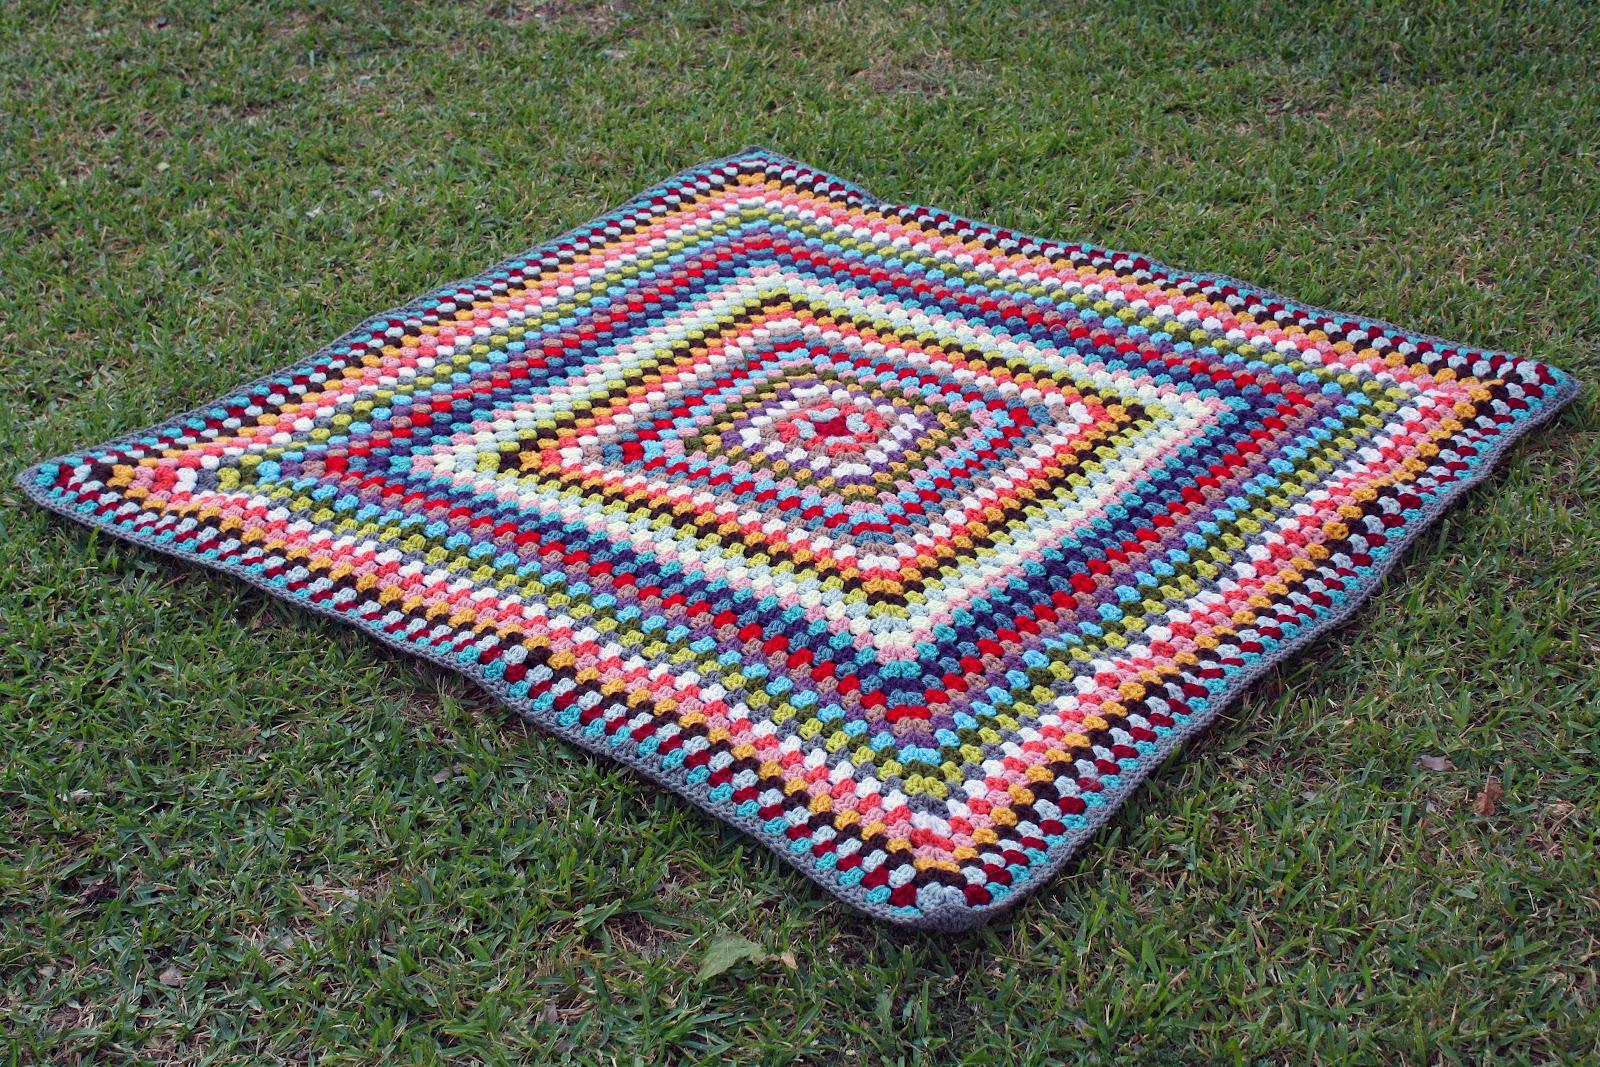 Knitting Granny Square Blanket : Little pear studio crochet and knitting